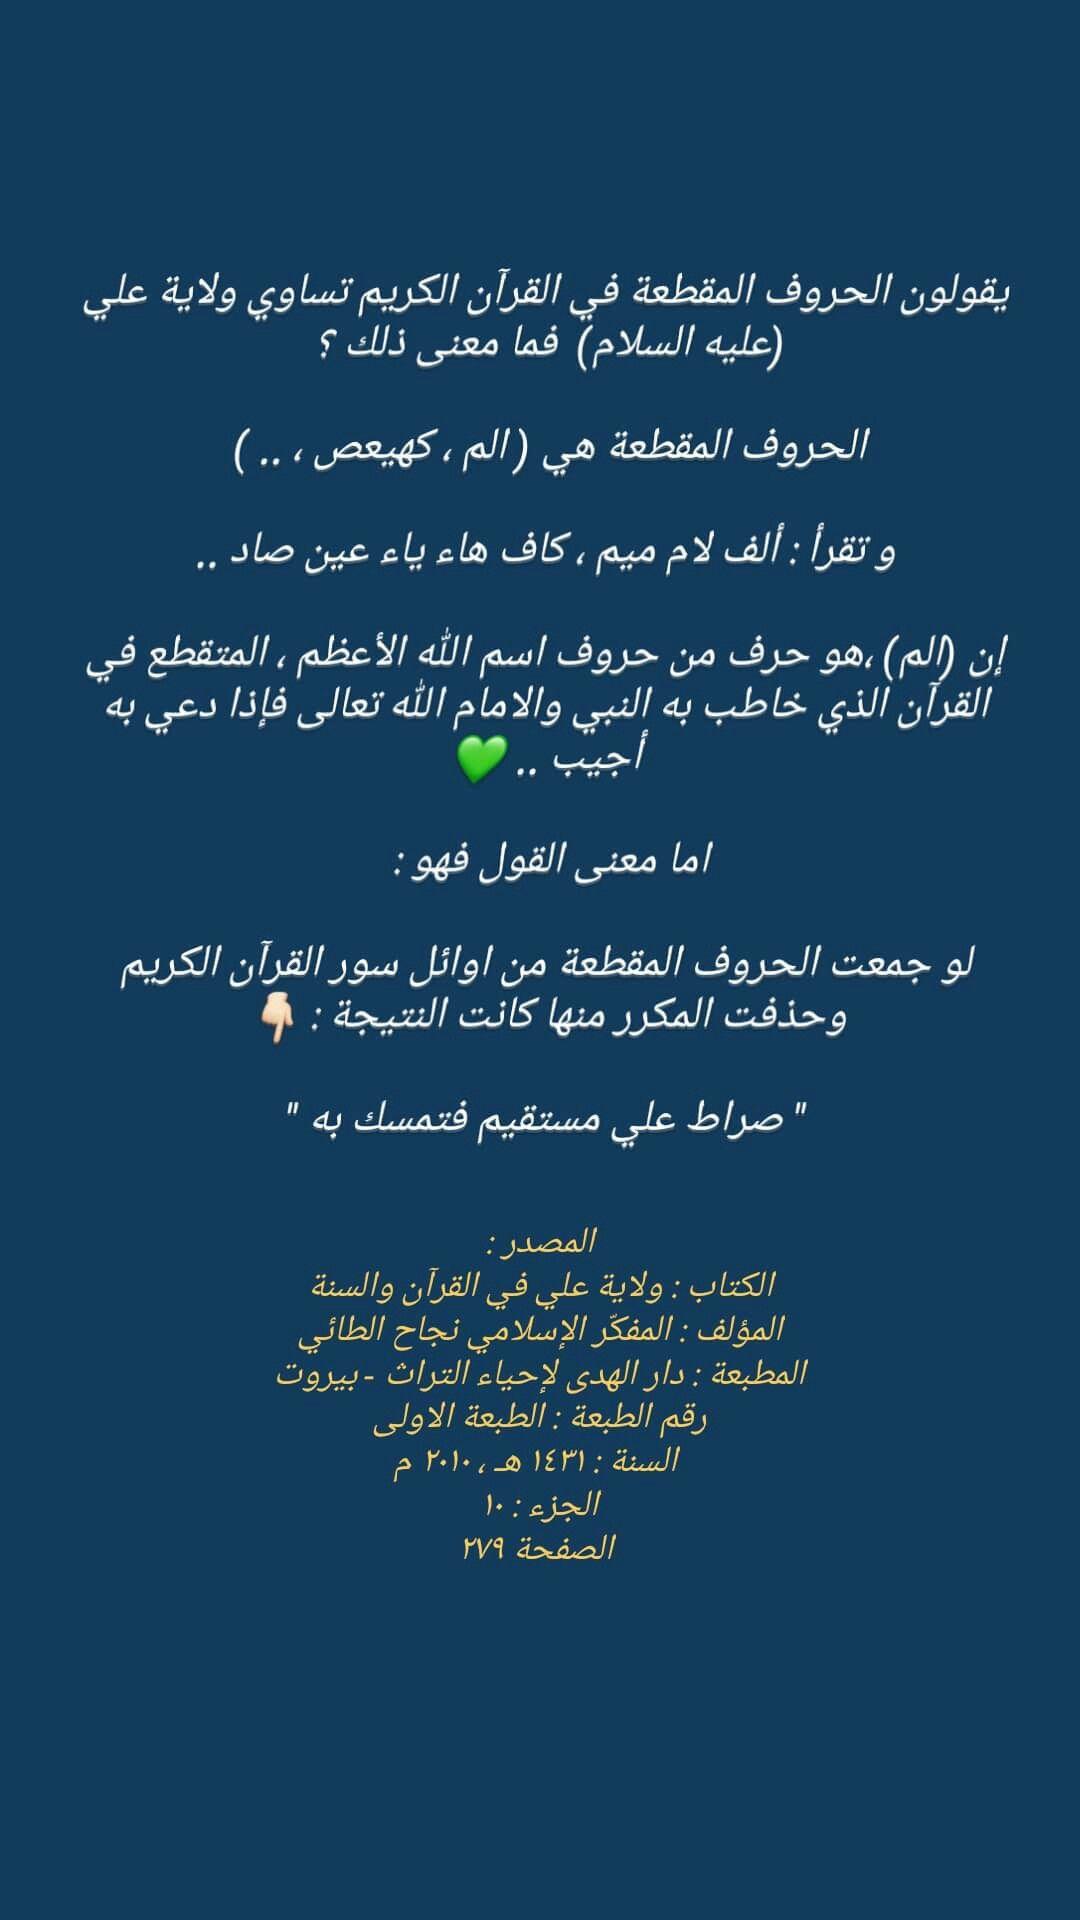 ماذا تعني الحروف المقطعه في القرءان الكريم Funny Arabic Quotes Arabic Quotes Quotes